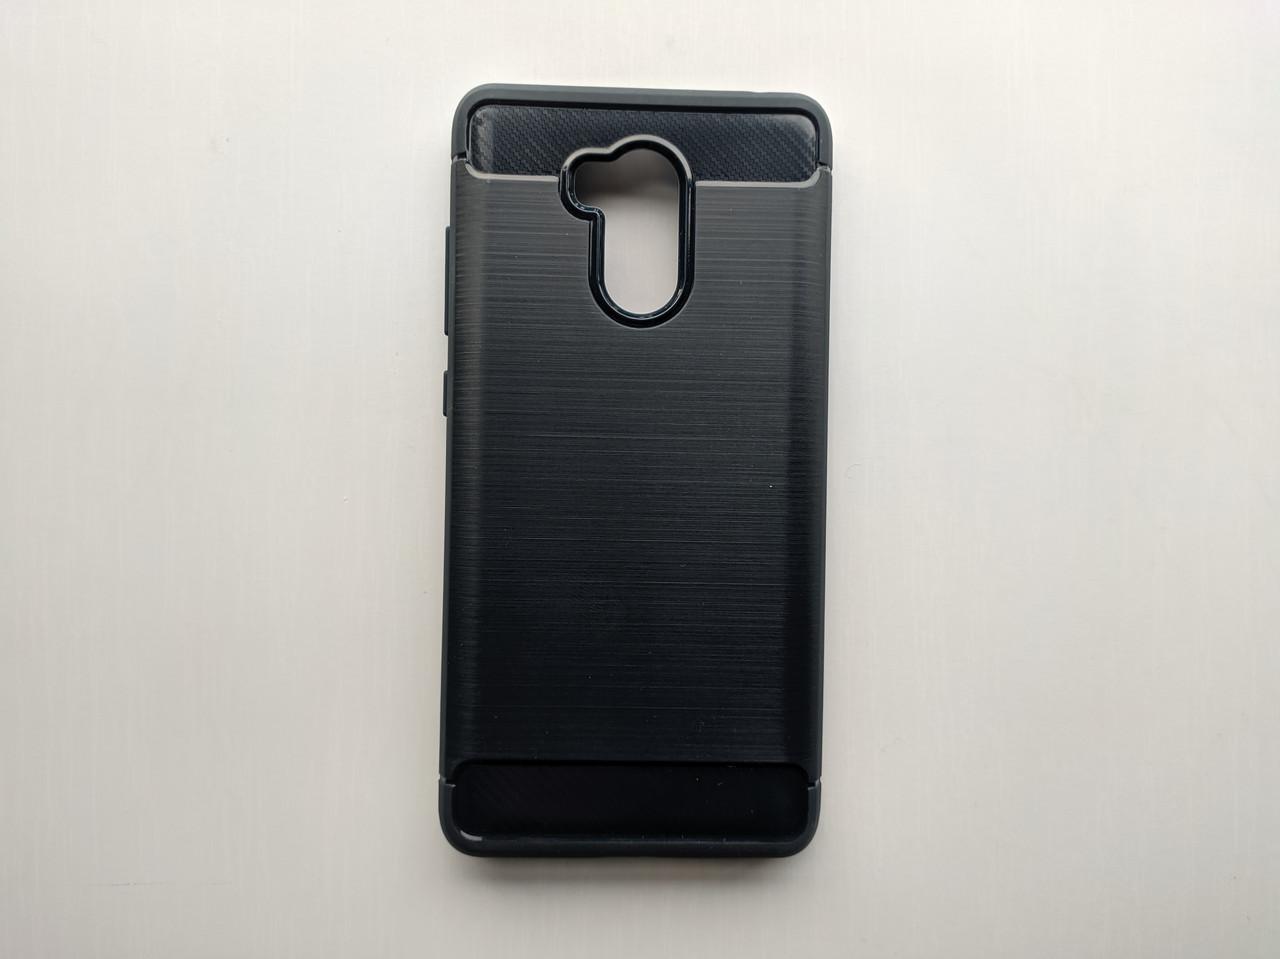 Силиконовый чехол Viseaon для Xiaomi Redmi 4 Pro темно синий